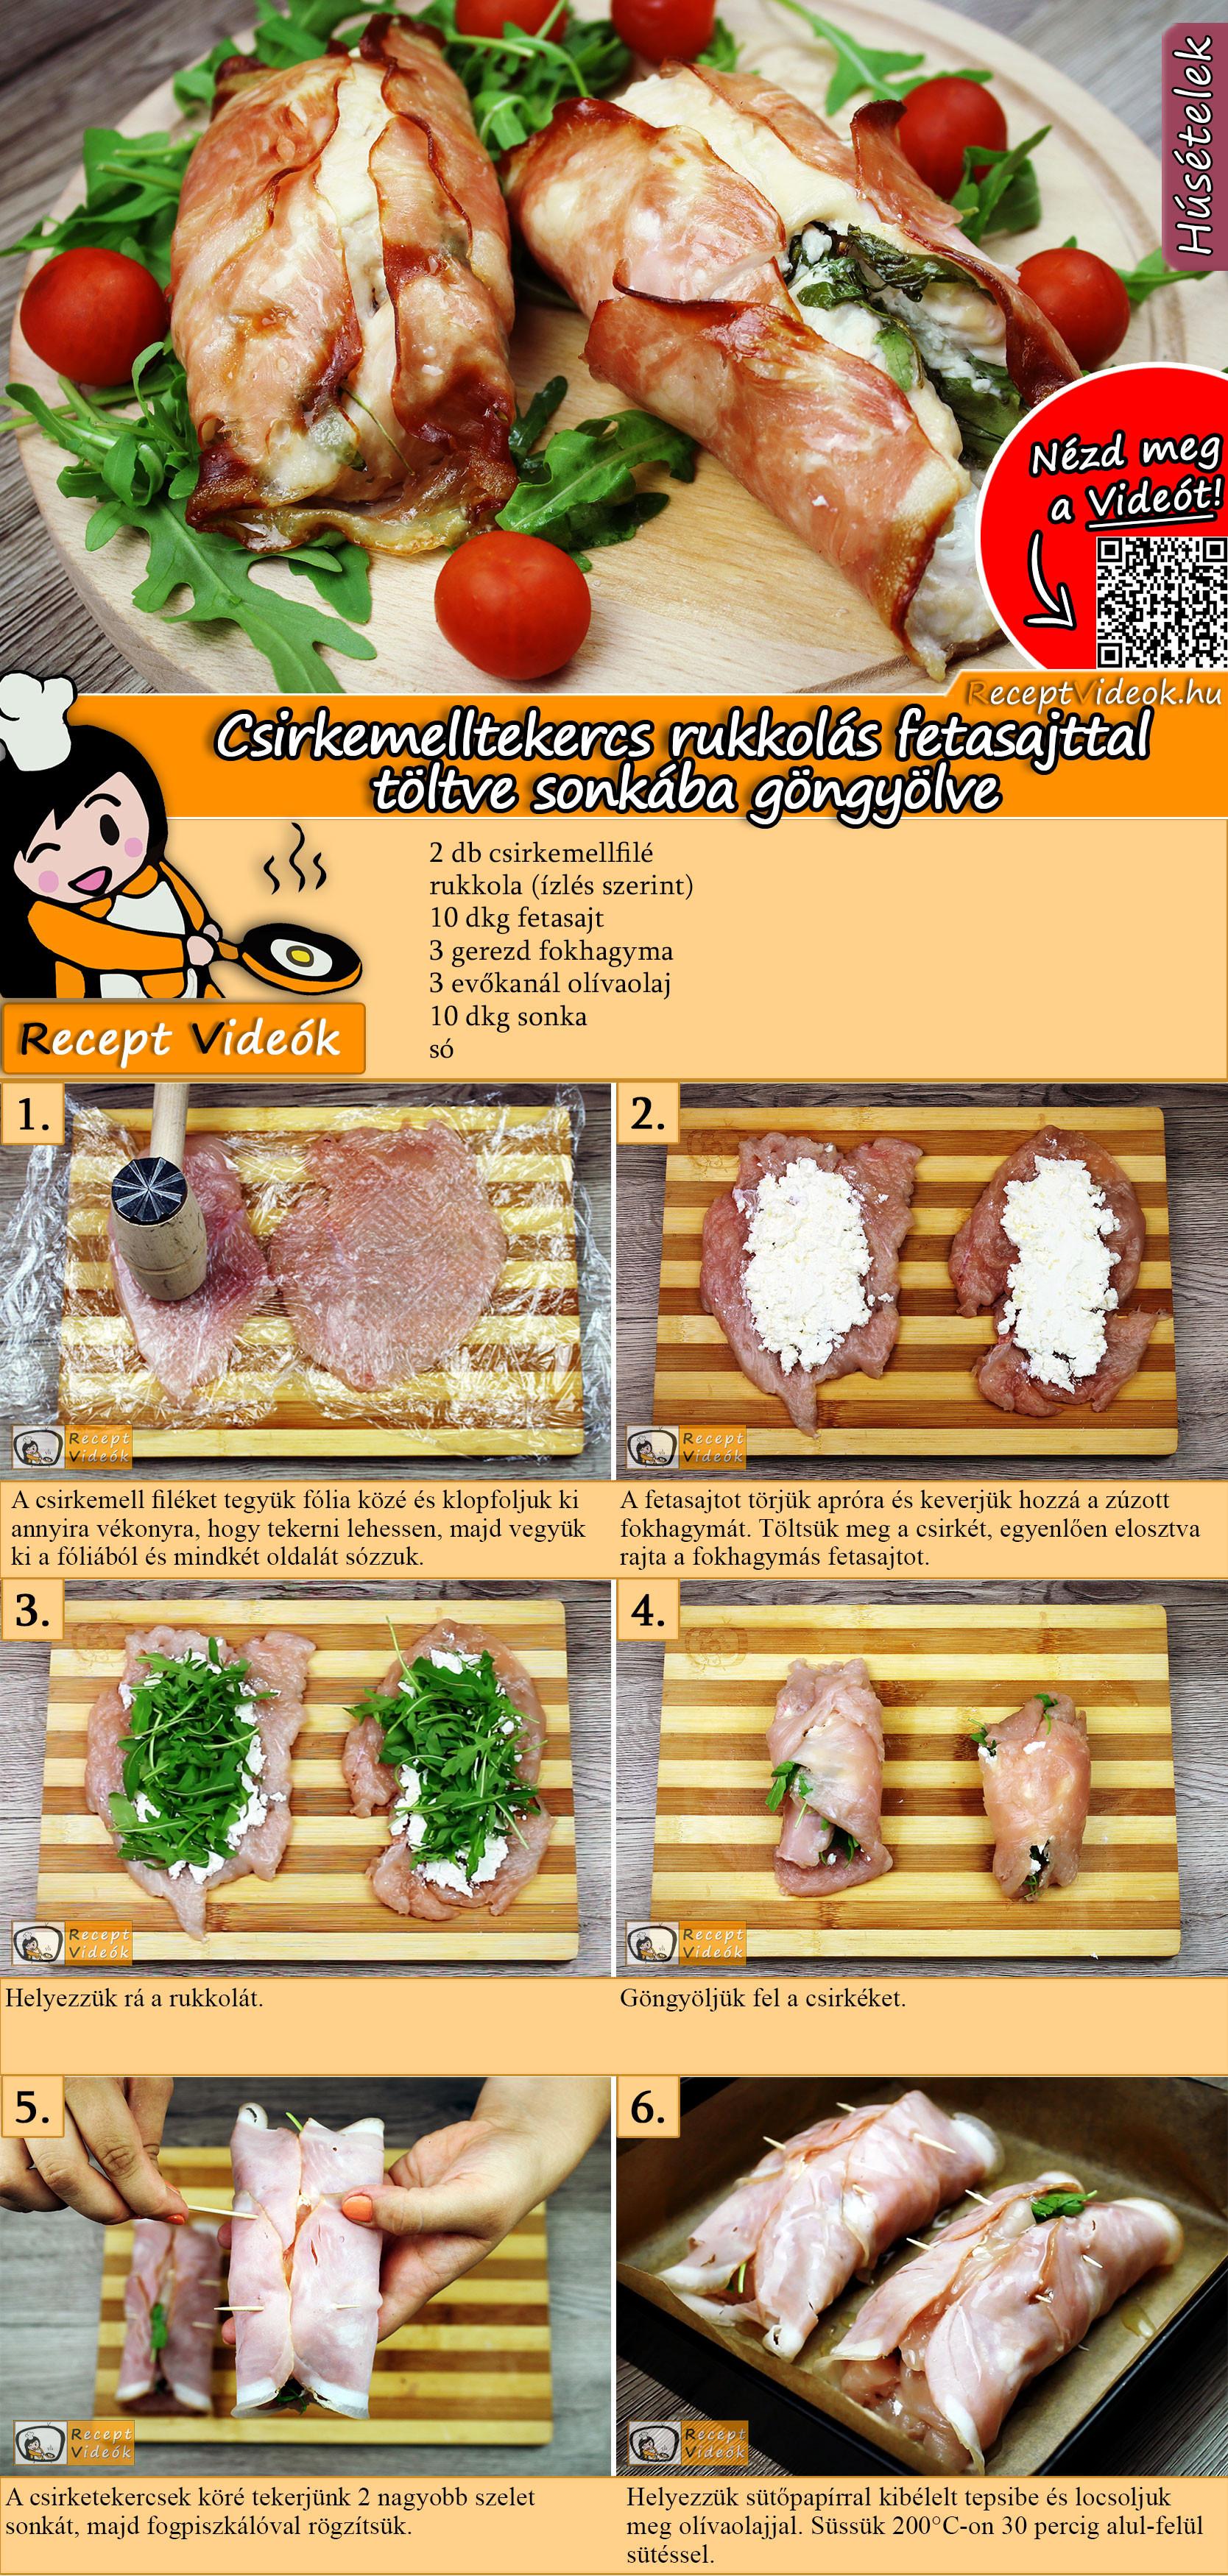 Csirkemelltekercs rukkolás fetasajttal töltve sonkába göngyölve recept elkészítése videóval